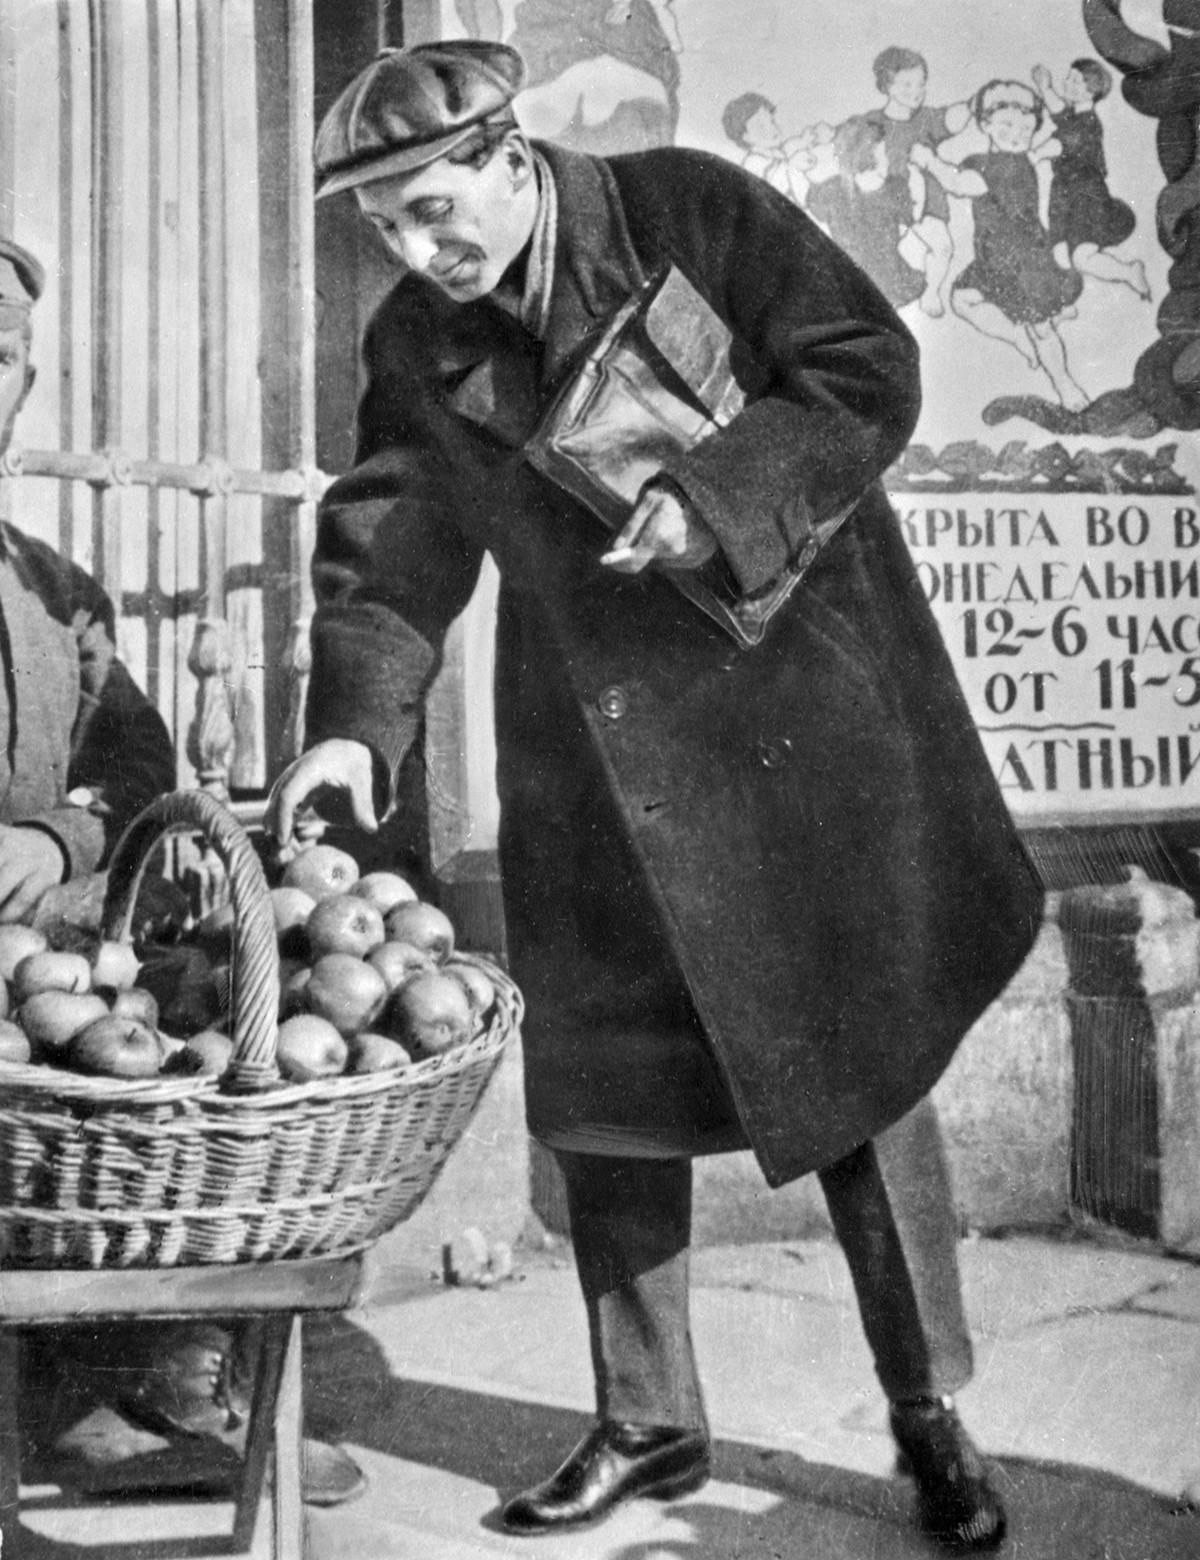 リンゴを買っている作家ミハイル・ゾシチェンコ